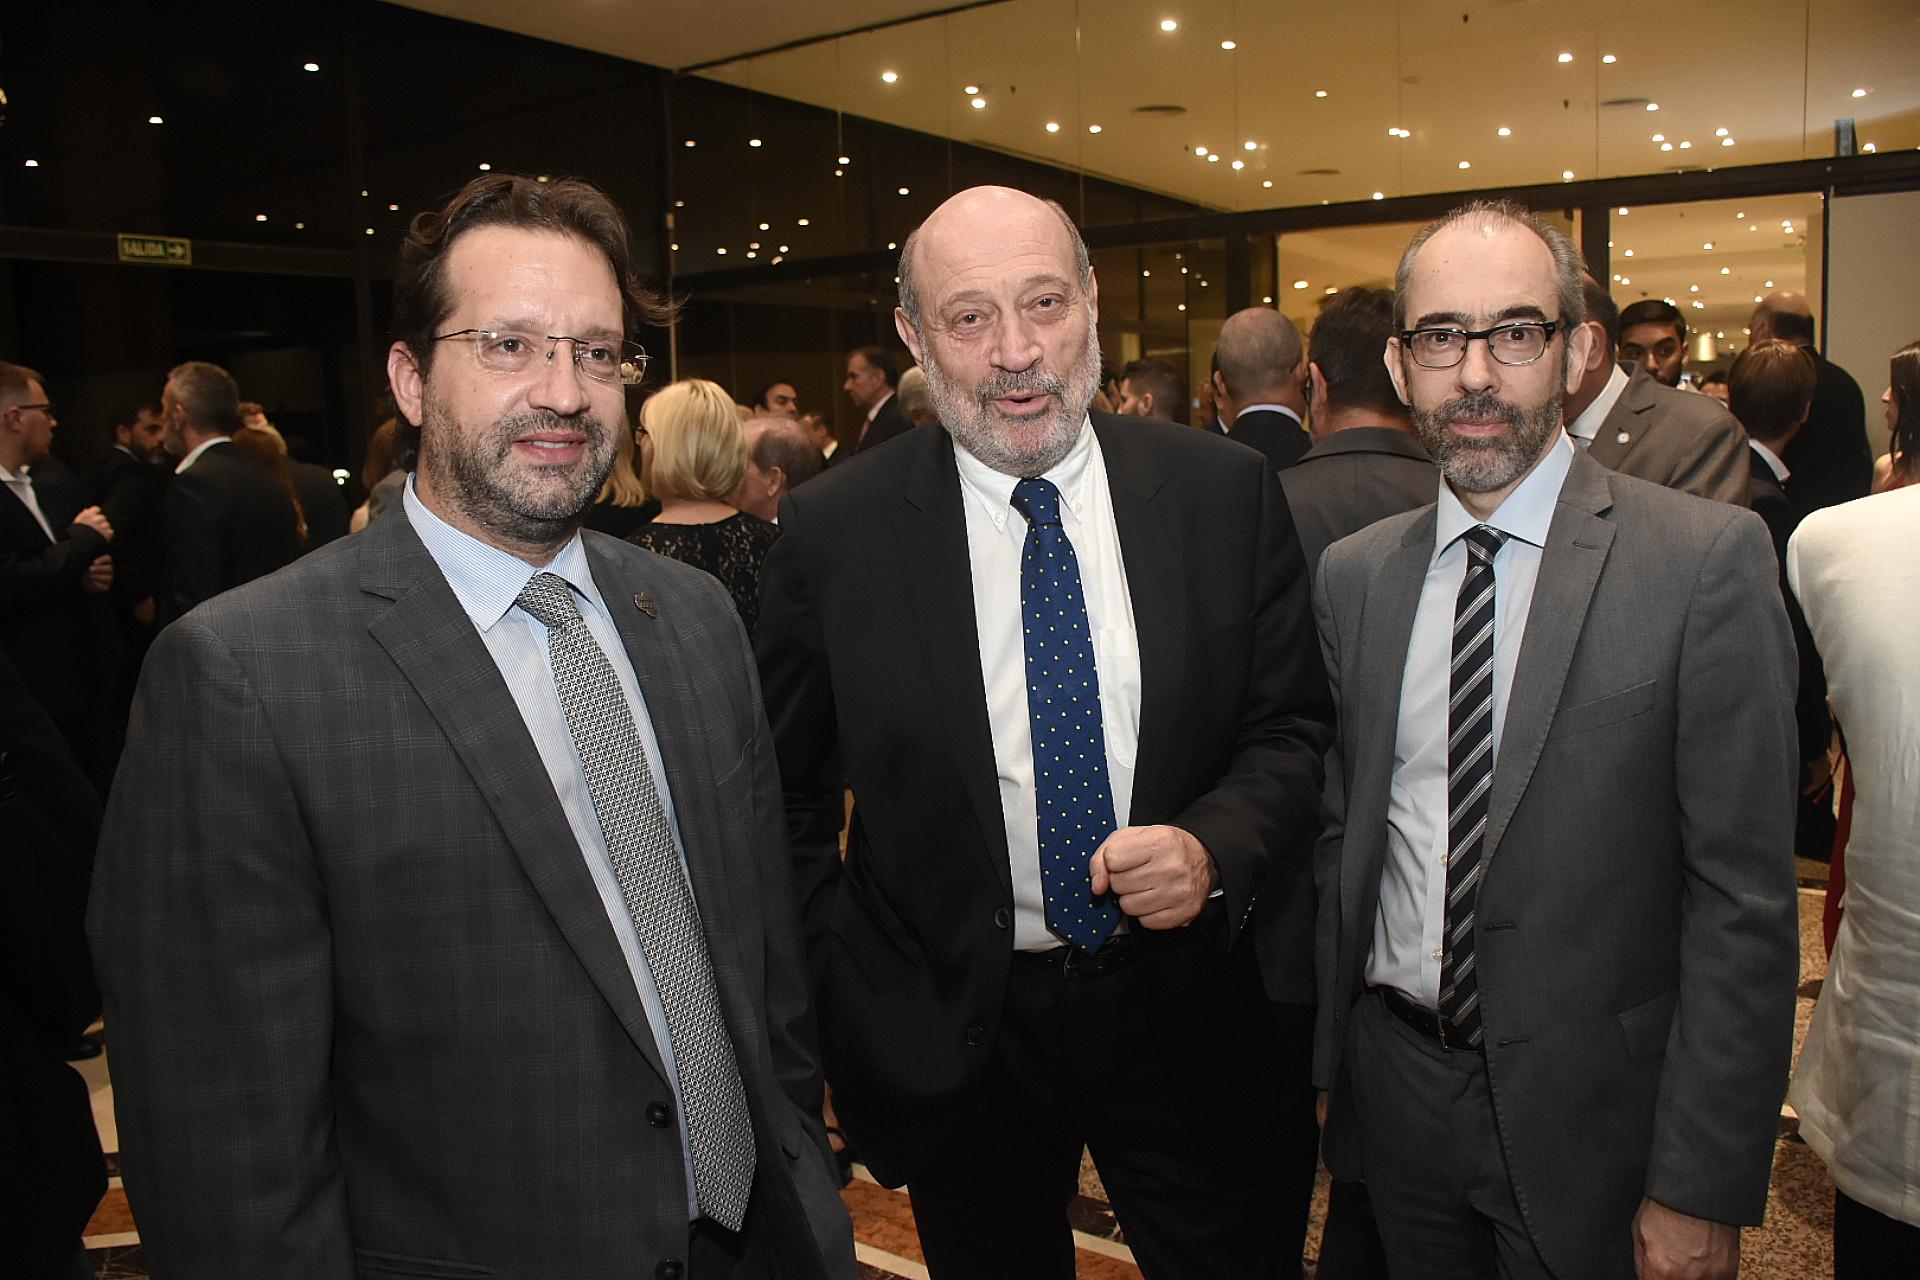 El diputado nacional Marco Lavagna, el periodista Alfredo Leuco y Gustavo González (presidente Editorial Perfil)